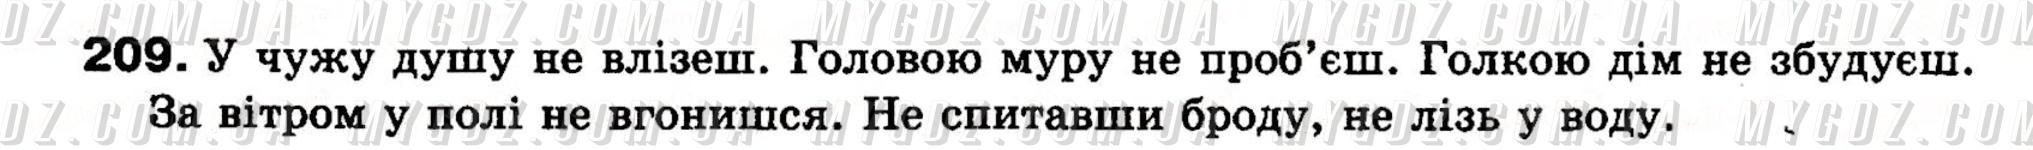 ГДЗ номер 209 до підручника з української мови Глазова, Кузнецов 8 клас